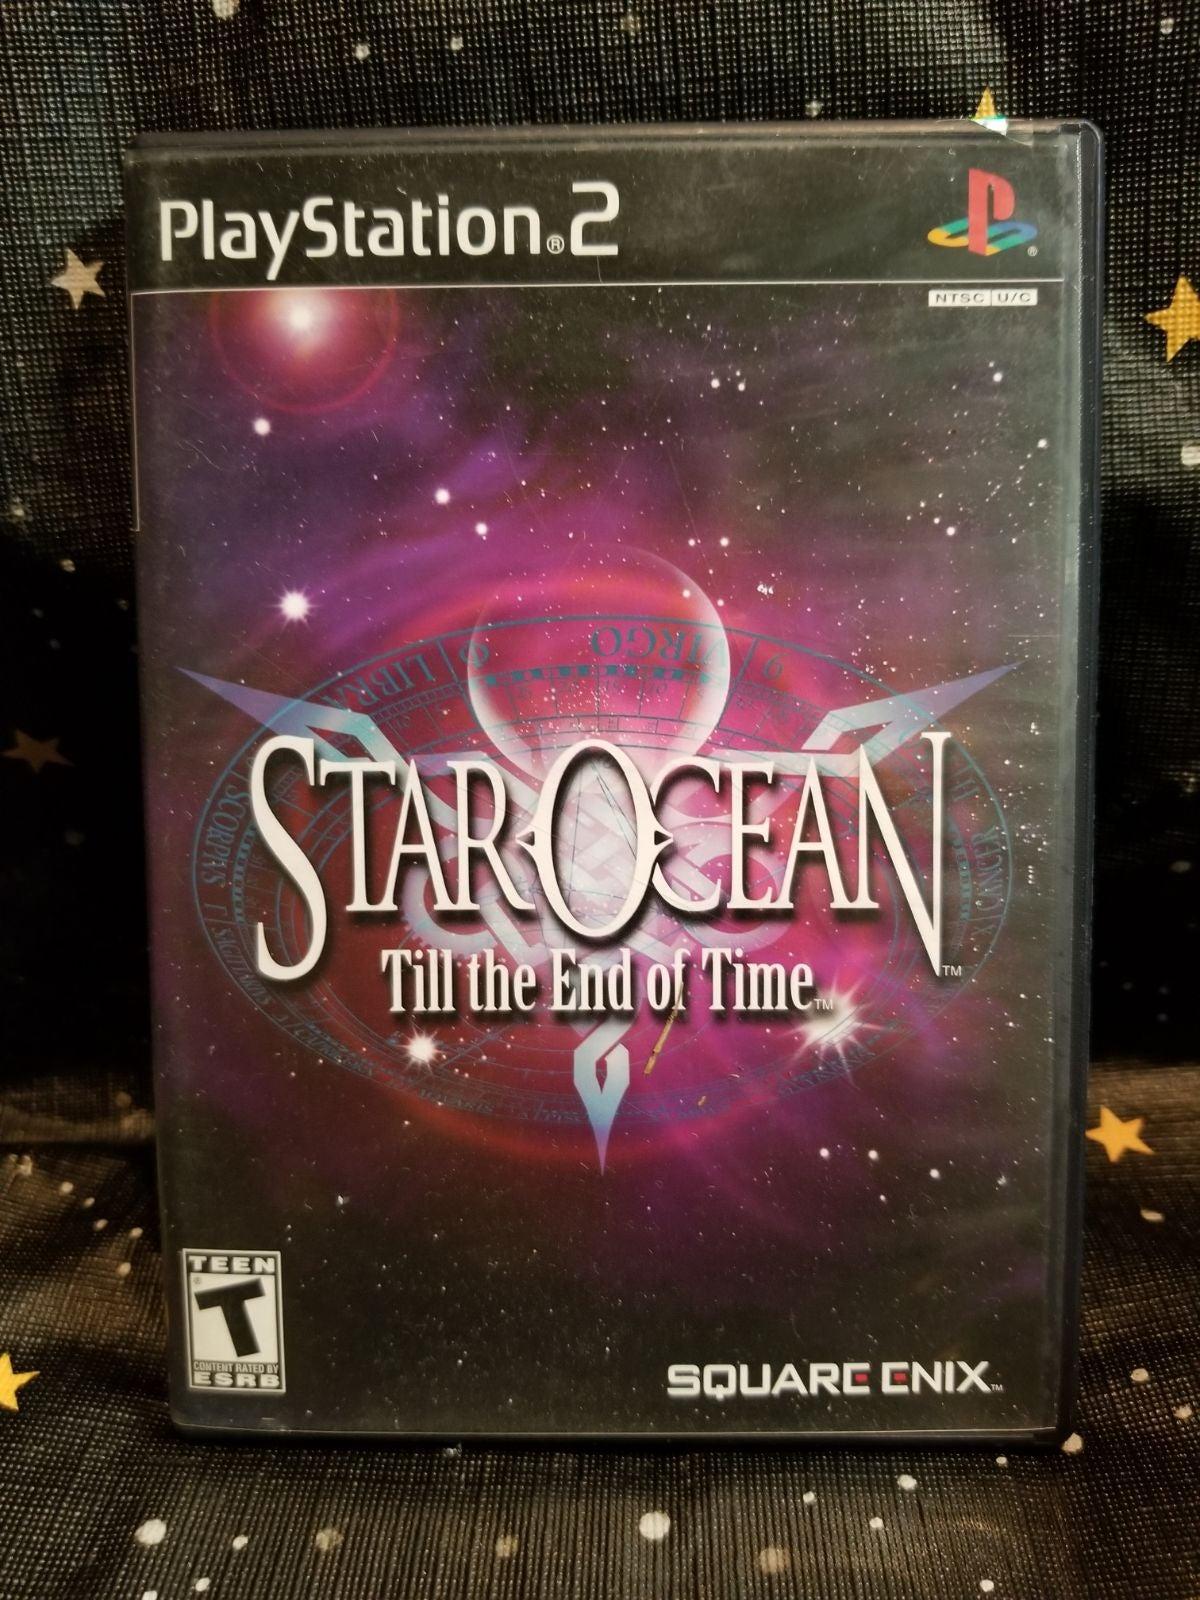 Star Ocean Ps2